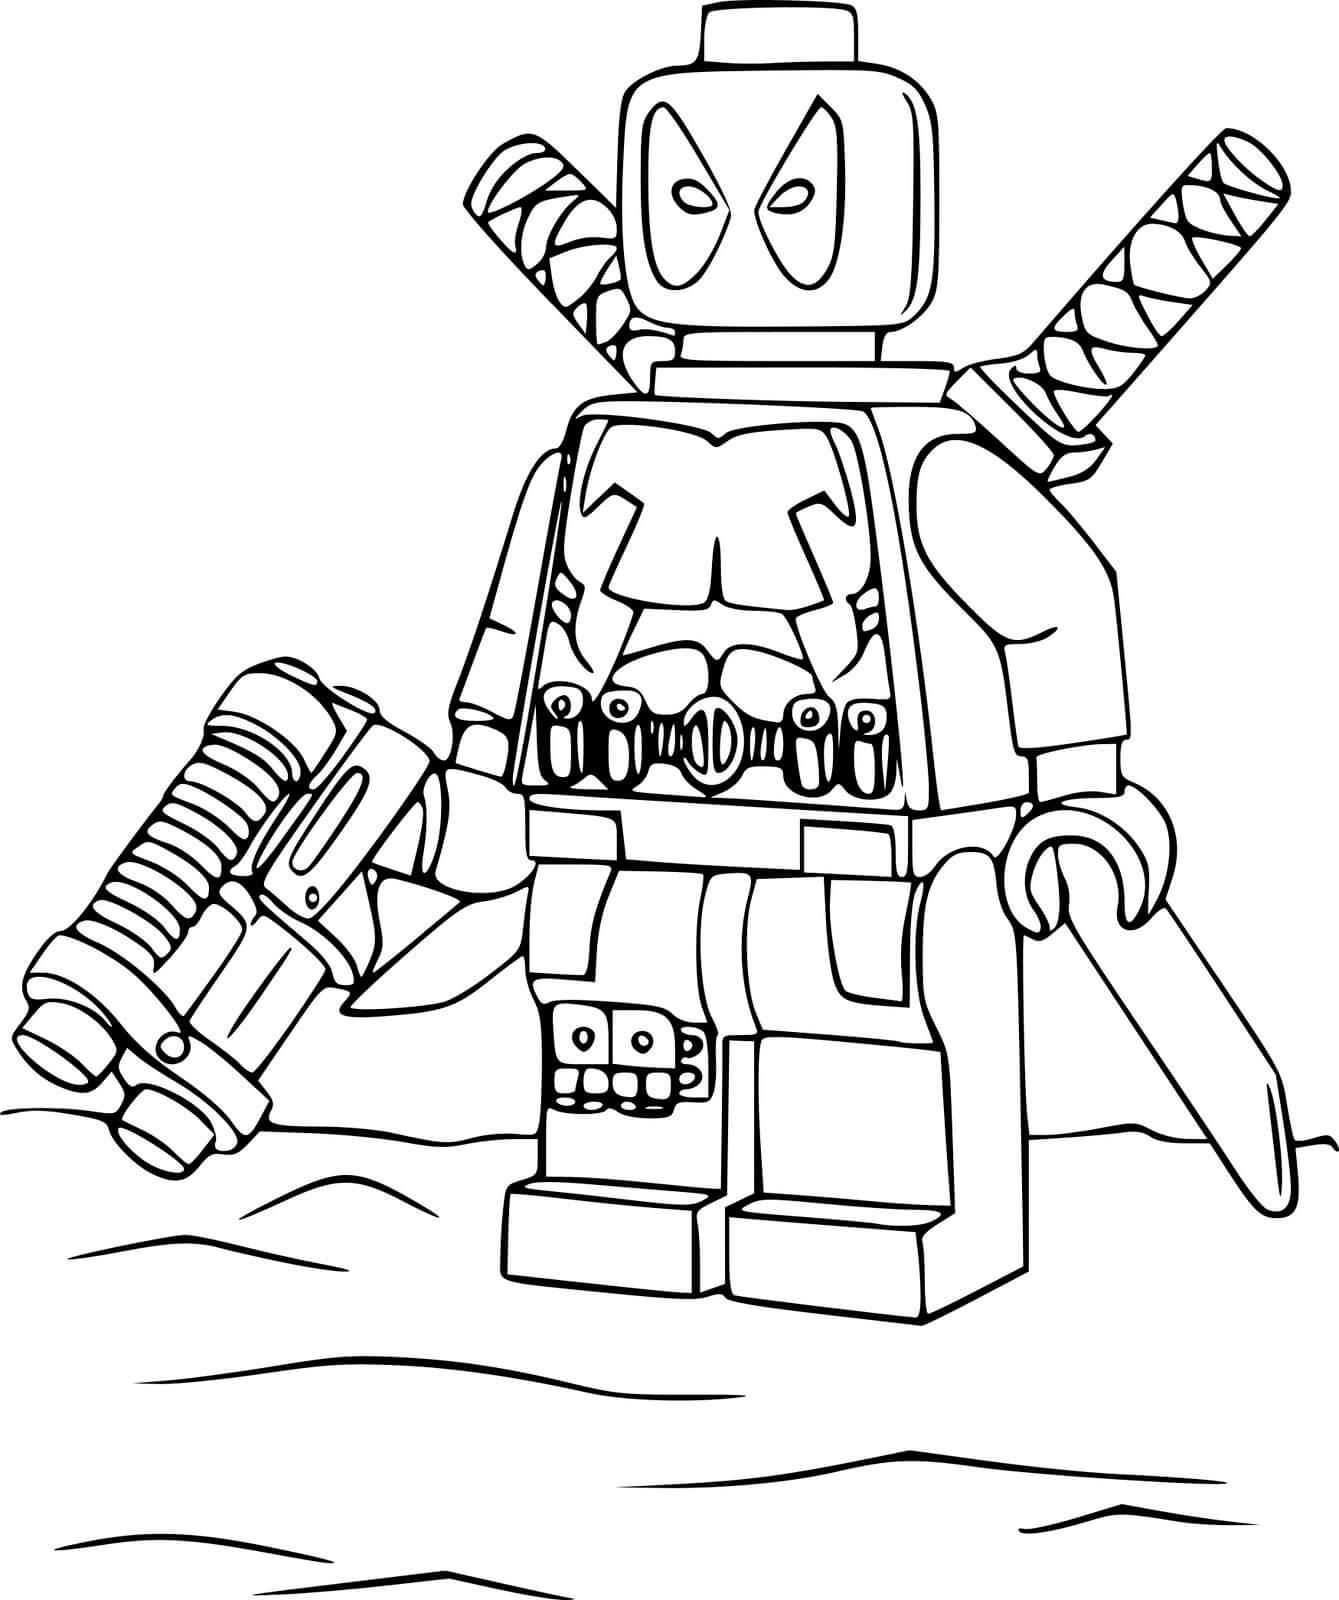 Раскраска Lego - Дэдпул